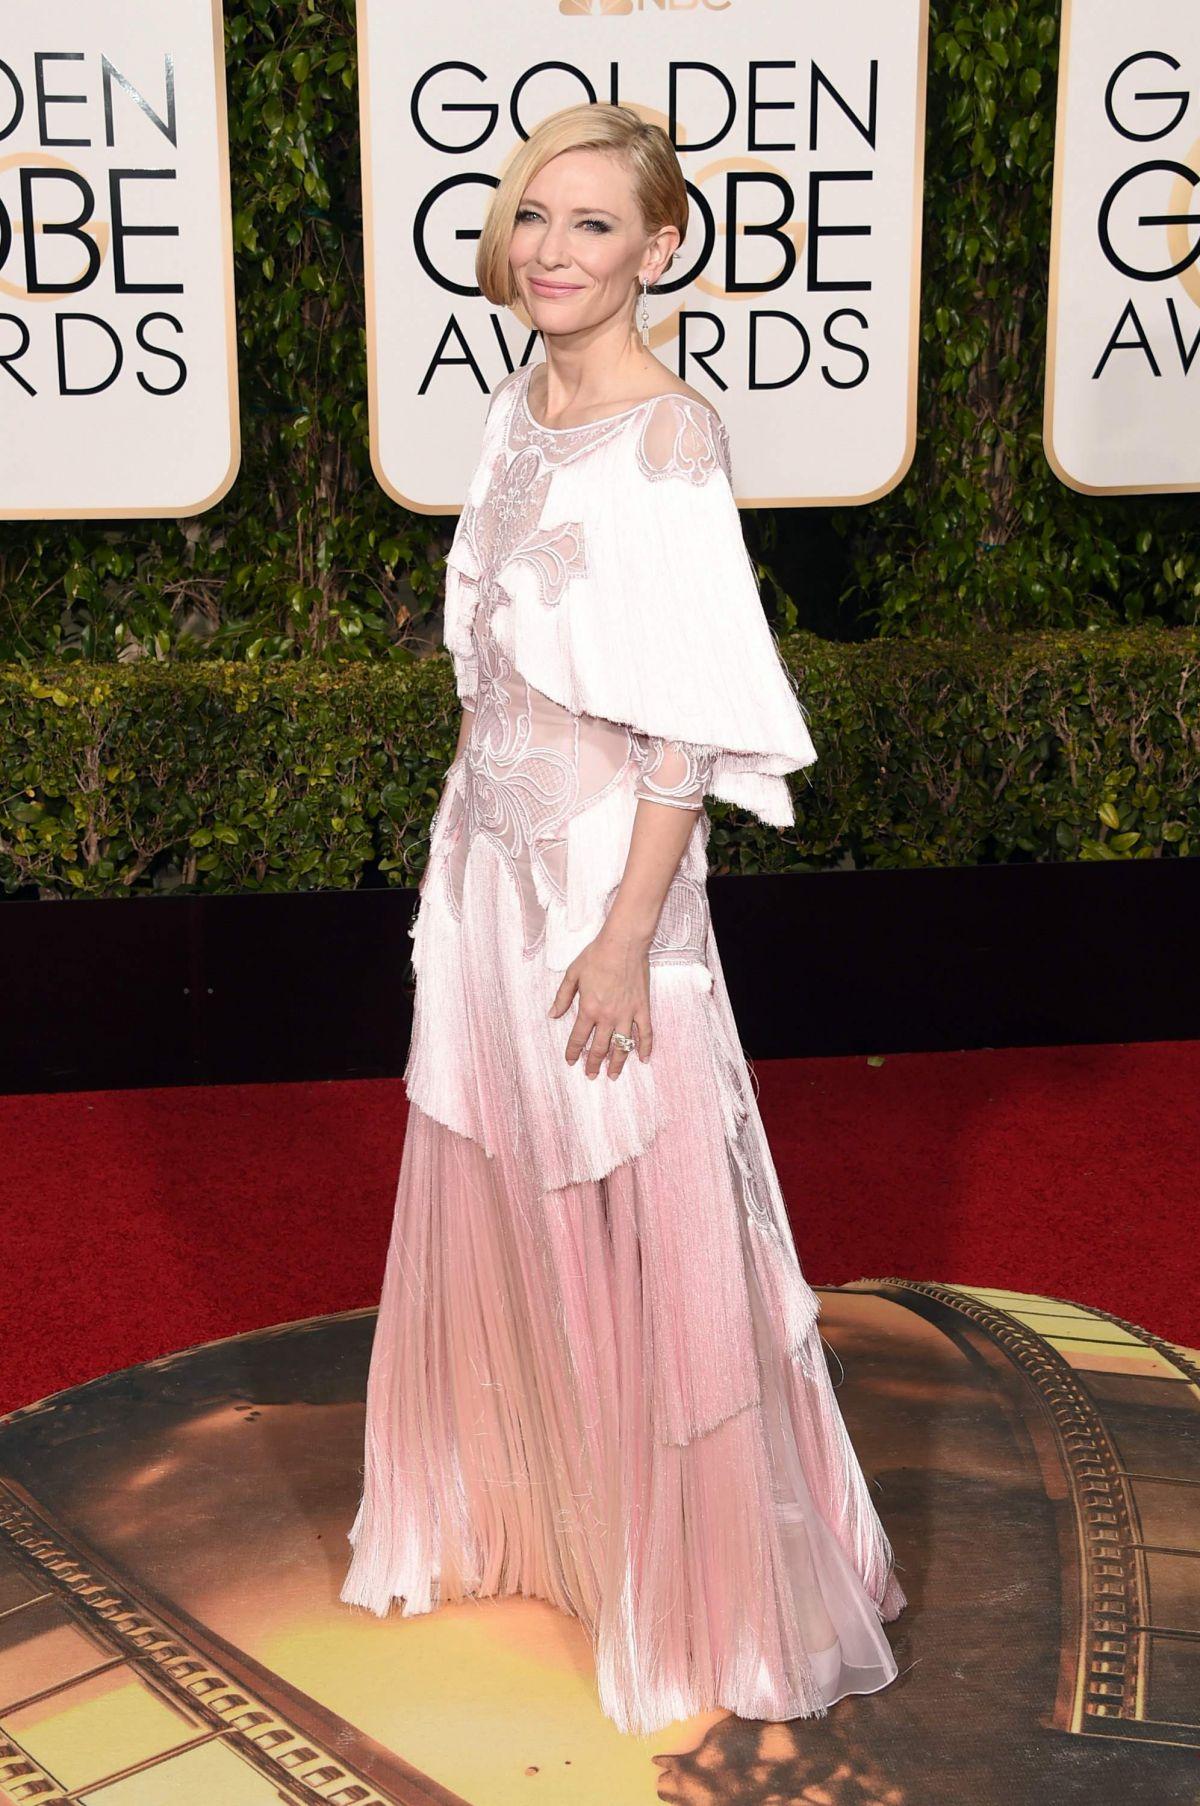 Vestiti anni 20: il look di Cate Blanchett